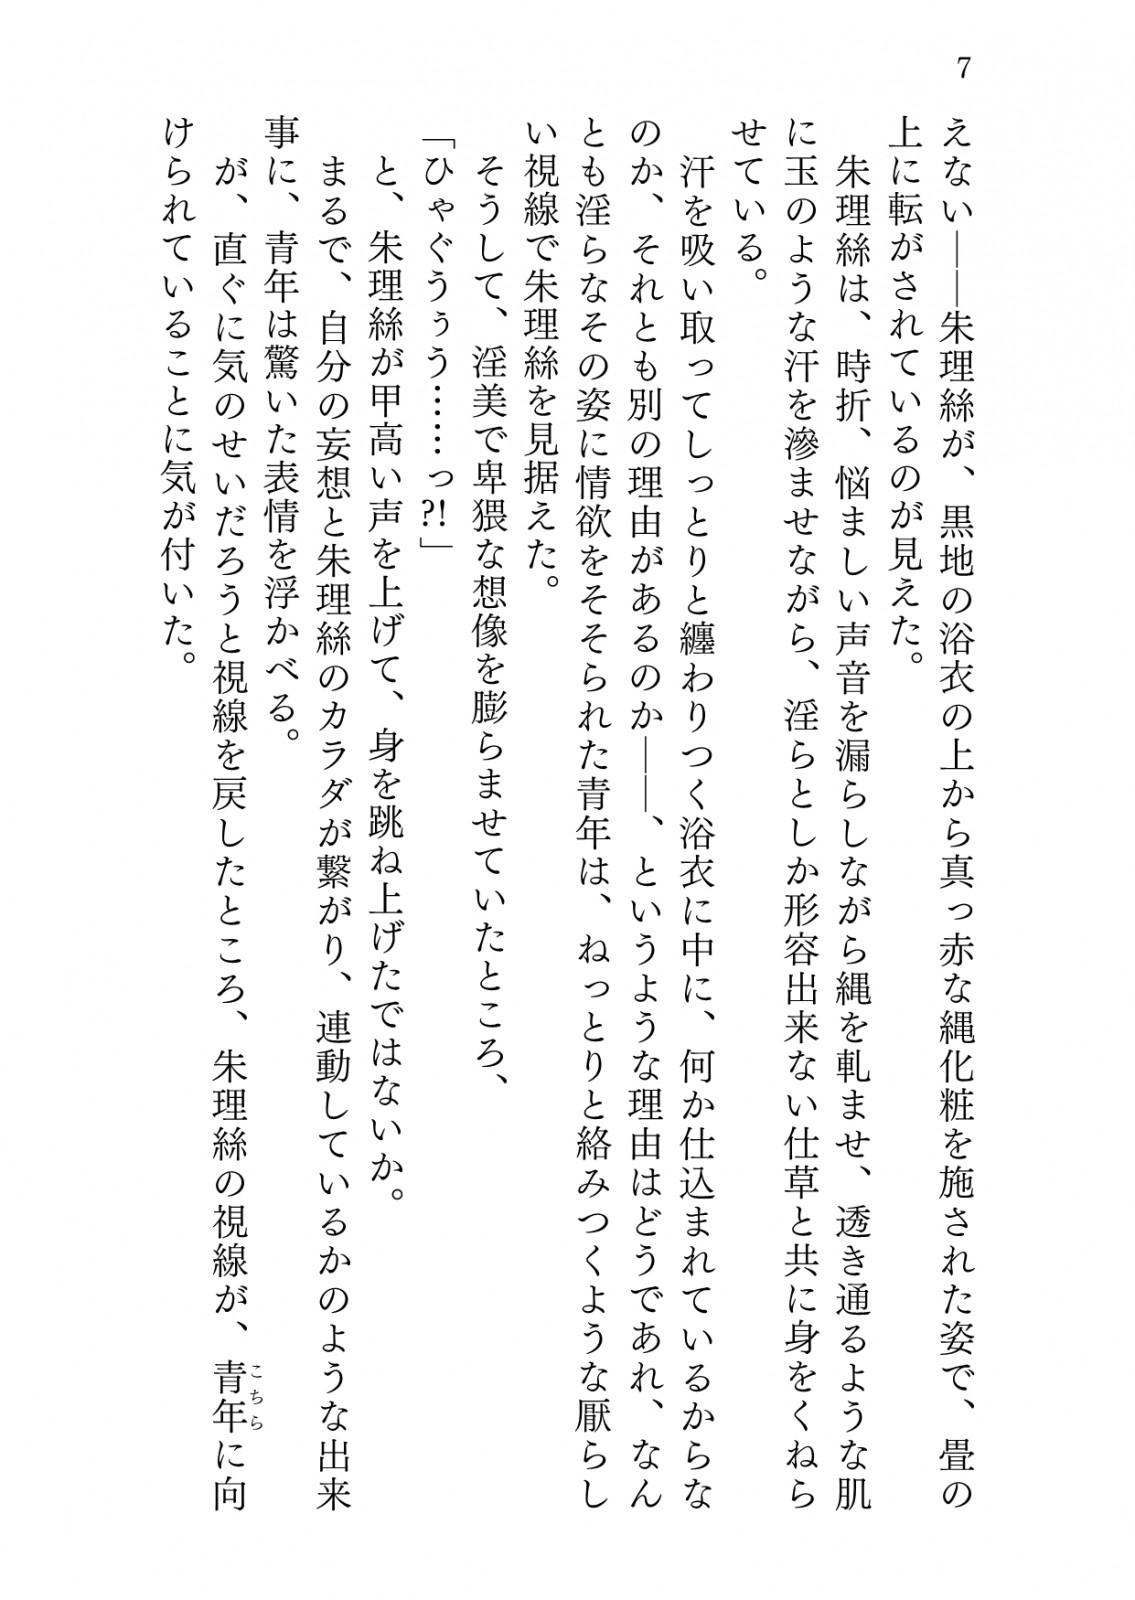 マナツニミルマヒルノユメのサンプル画像4